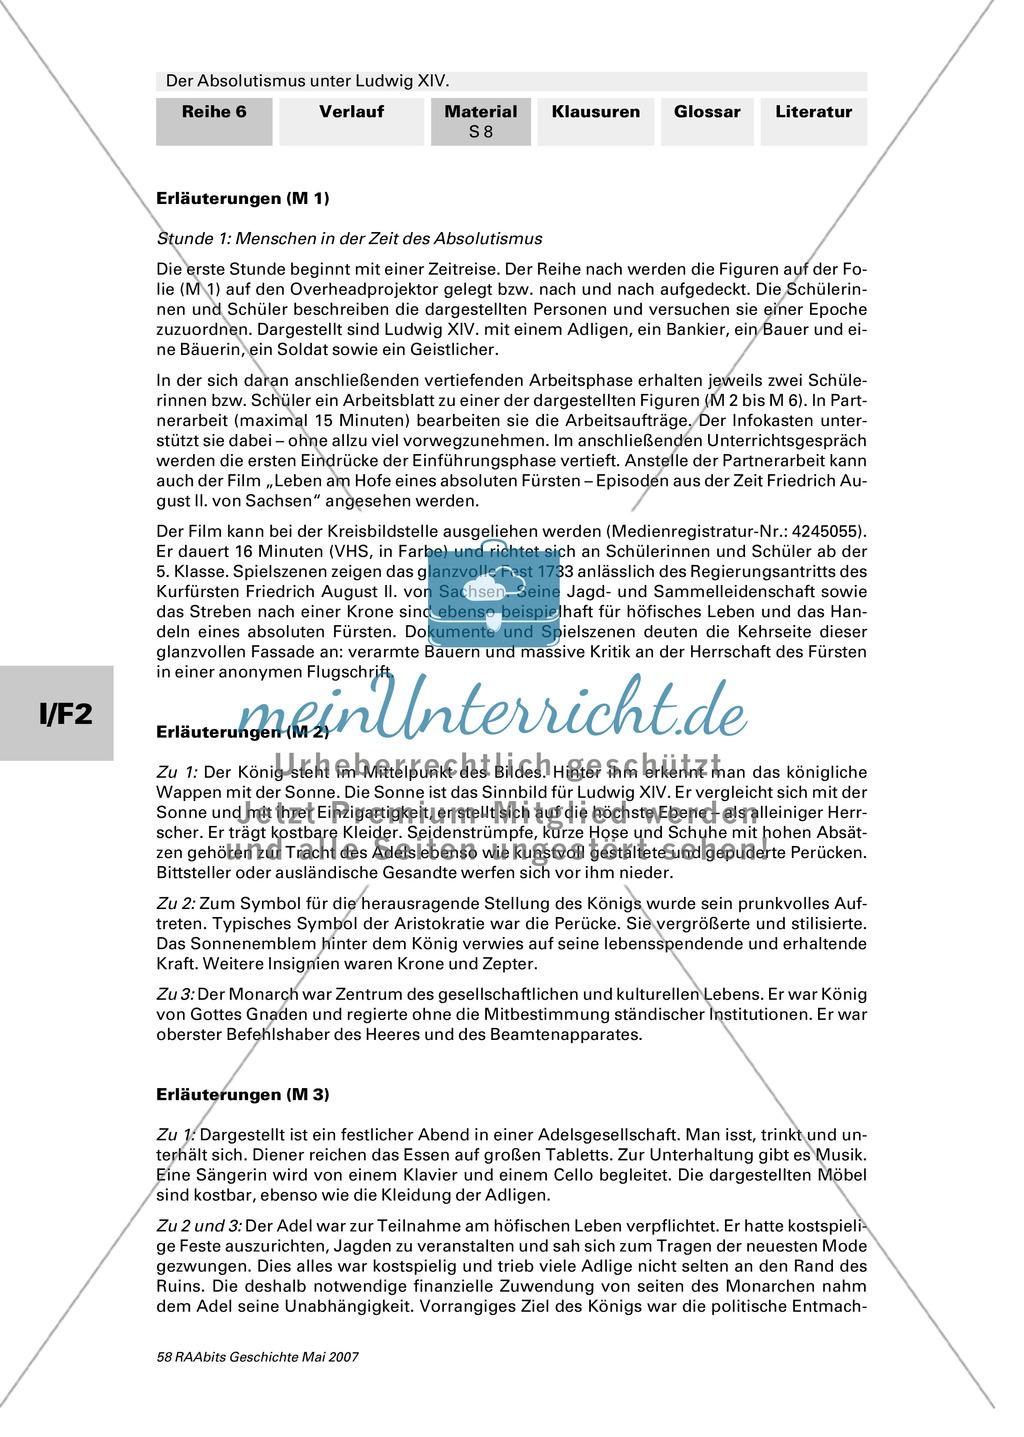 Adel, Klerus, Bauern und Bürger im Absolutismus unter Ludwig XIV.:Erarbeitung anhand von Abildungen Preview 7